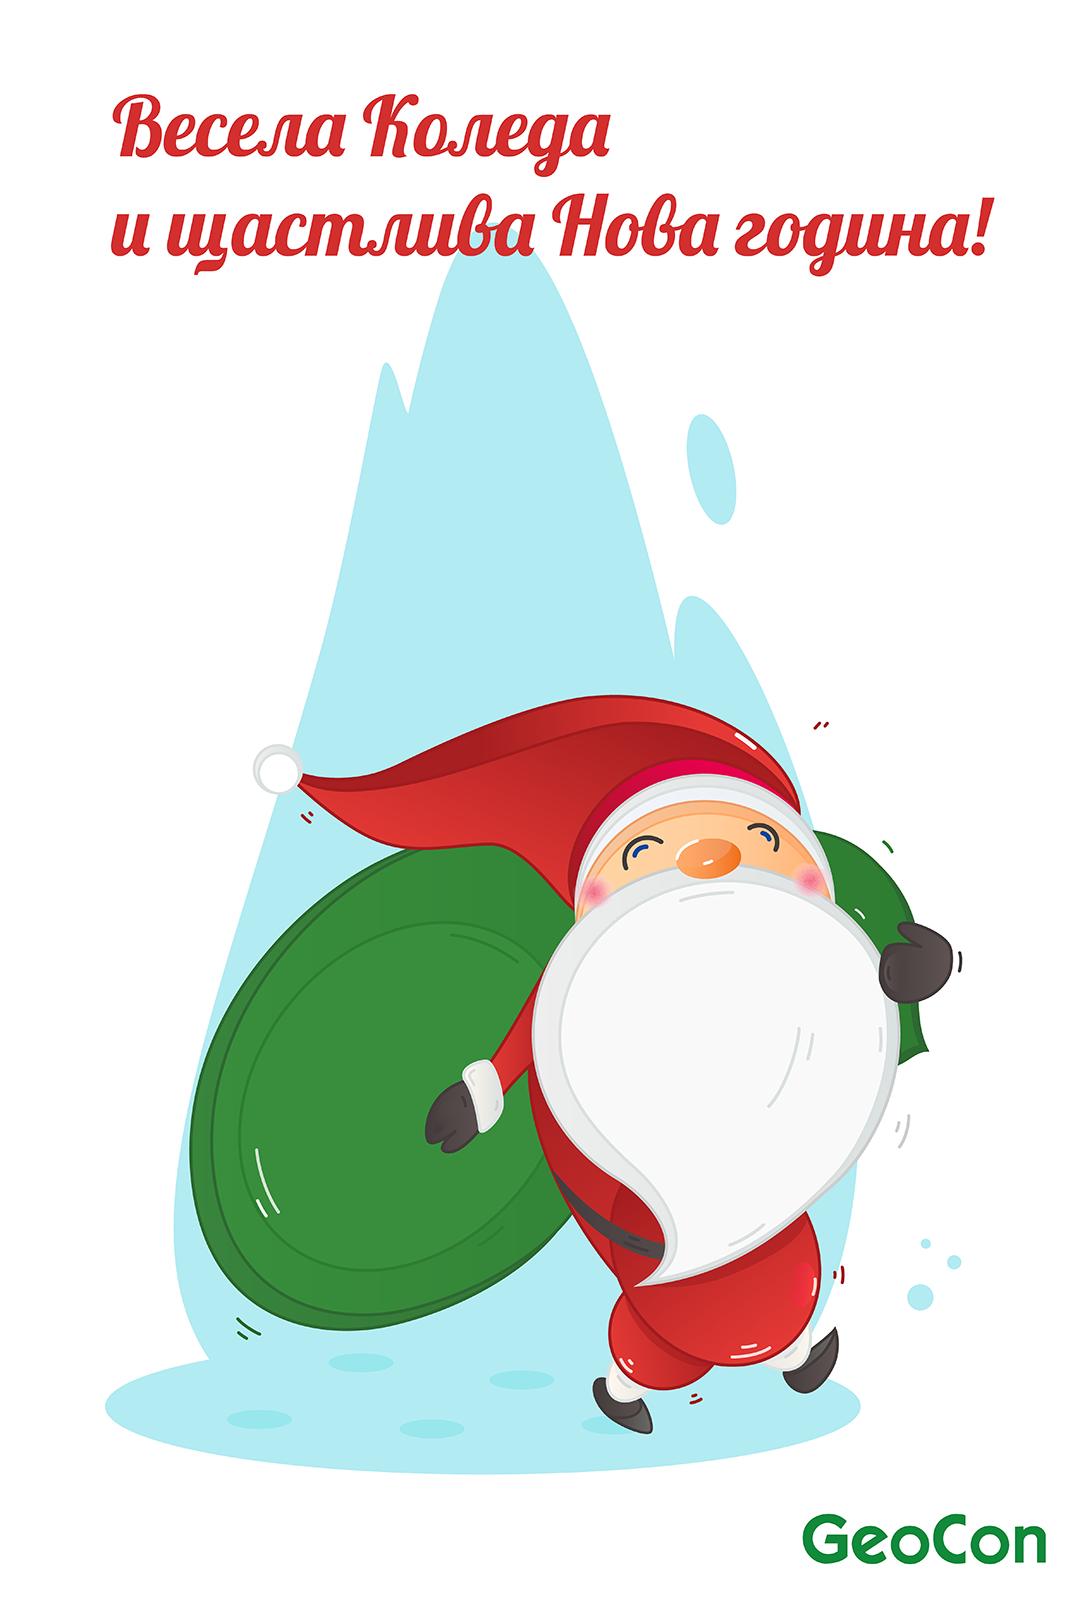 Коледна картичка | GeoCon Bulgaria